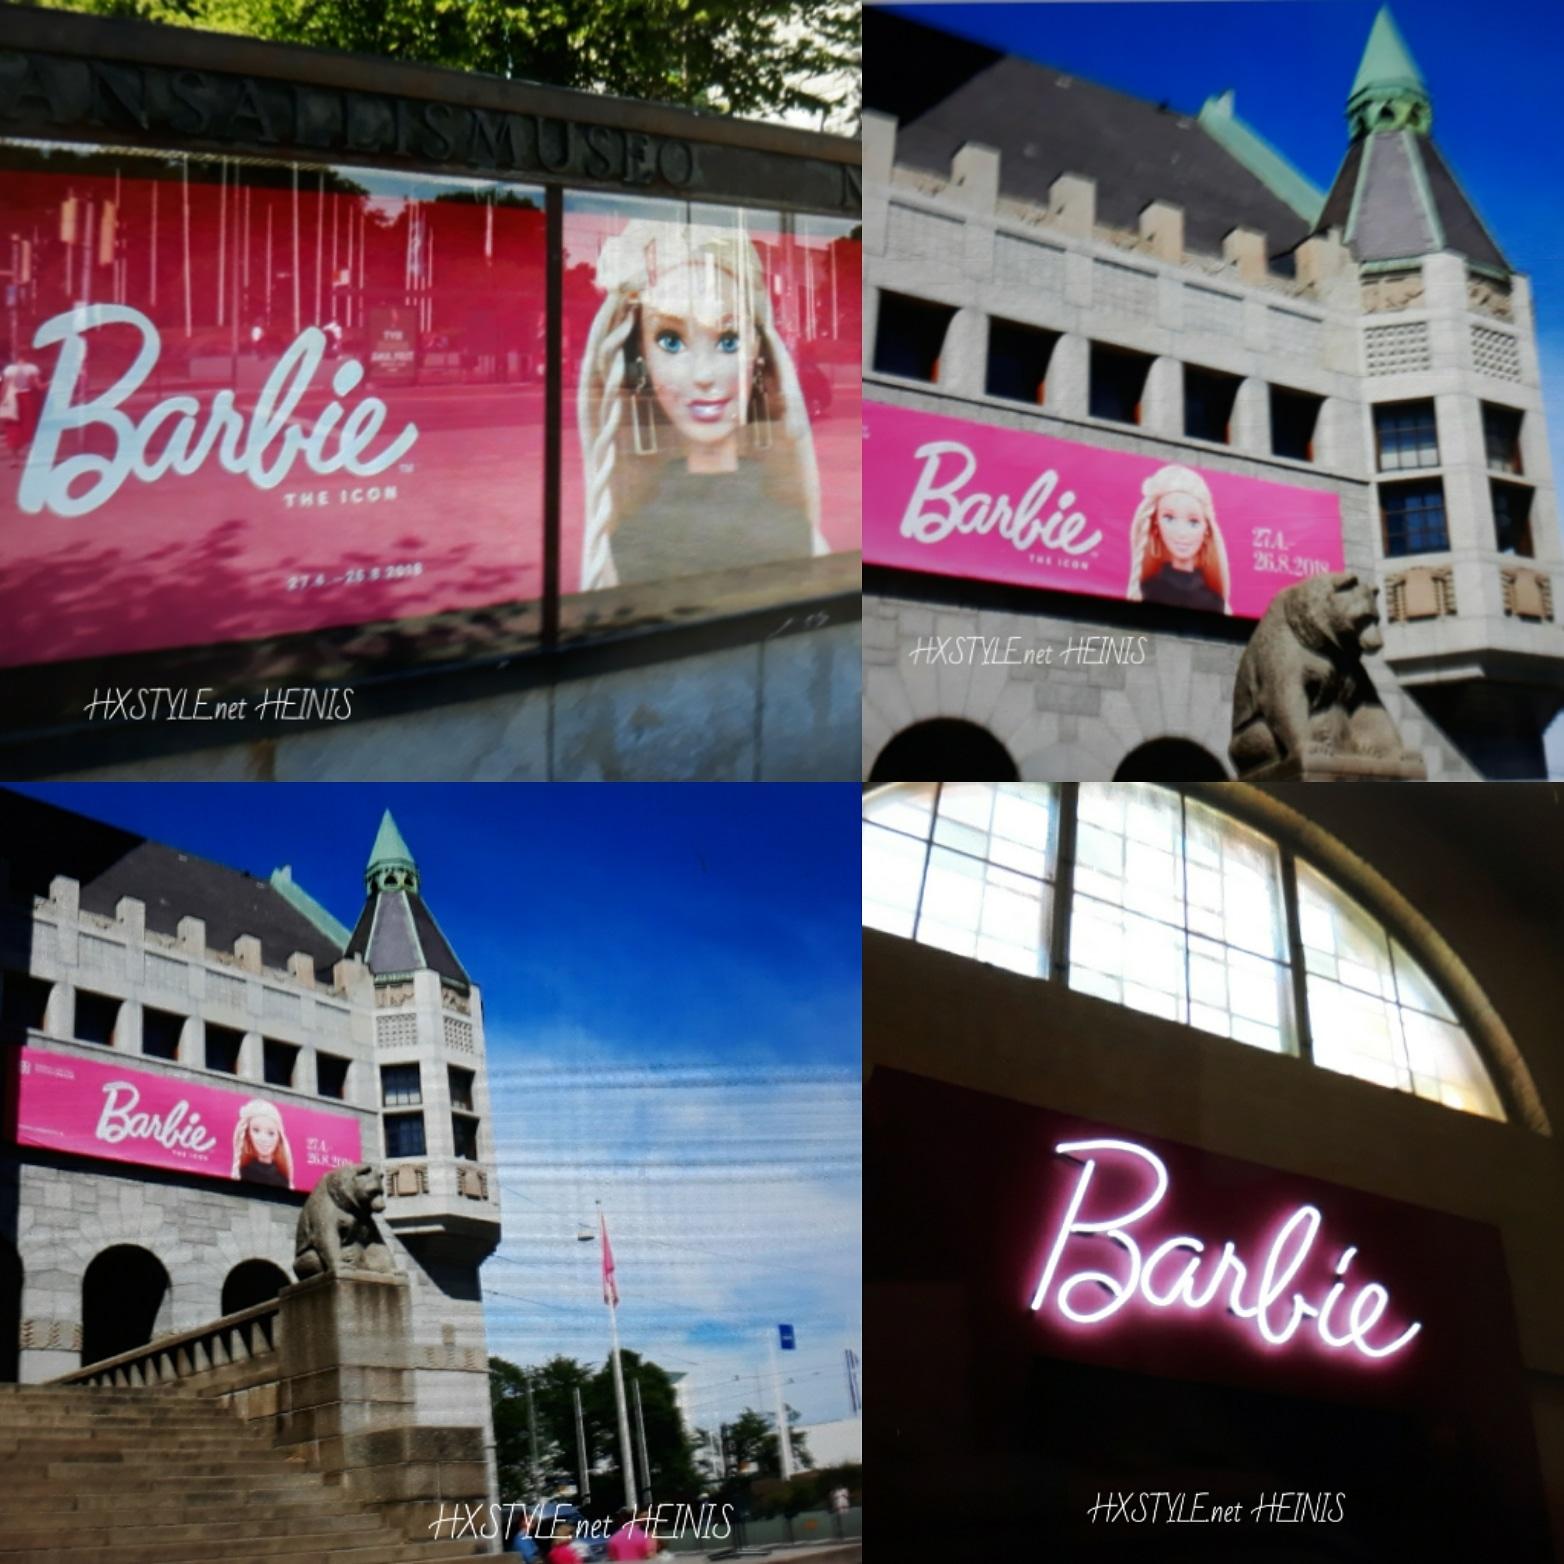 KULTTUURI. TAIDE. HISTORIA. Suomen KANSALLISMUSEO, Helsinki 2/2. BARBIE – THE ICON  NÄYTTELY 27.4.2018 – 26.8.2018 …Muoti&Desig, USA, Mattel, Barbie v. 1959. YLEISÖOPASTUS, Ajatukset& Valokuvat. Suosikit&Elämäntapa. HXSTYLE.net HEINIS